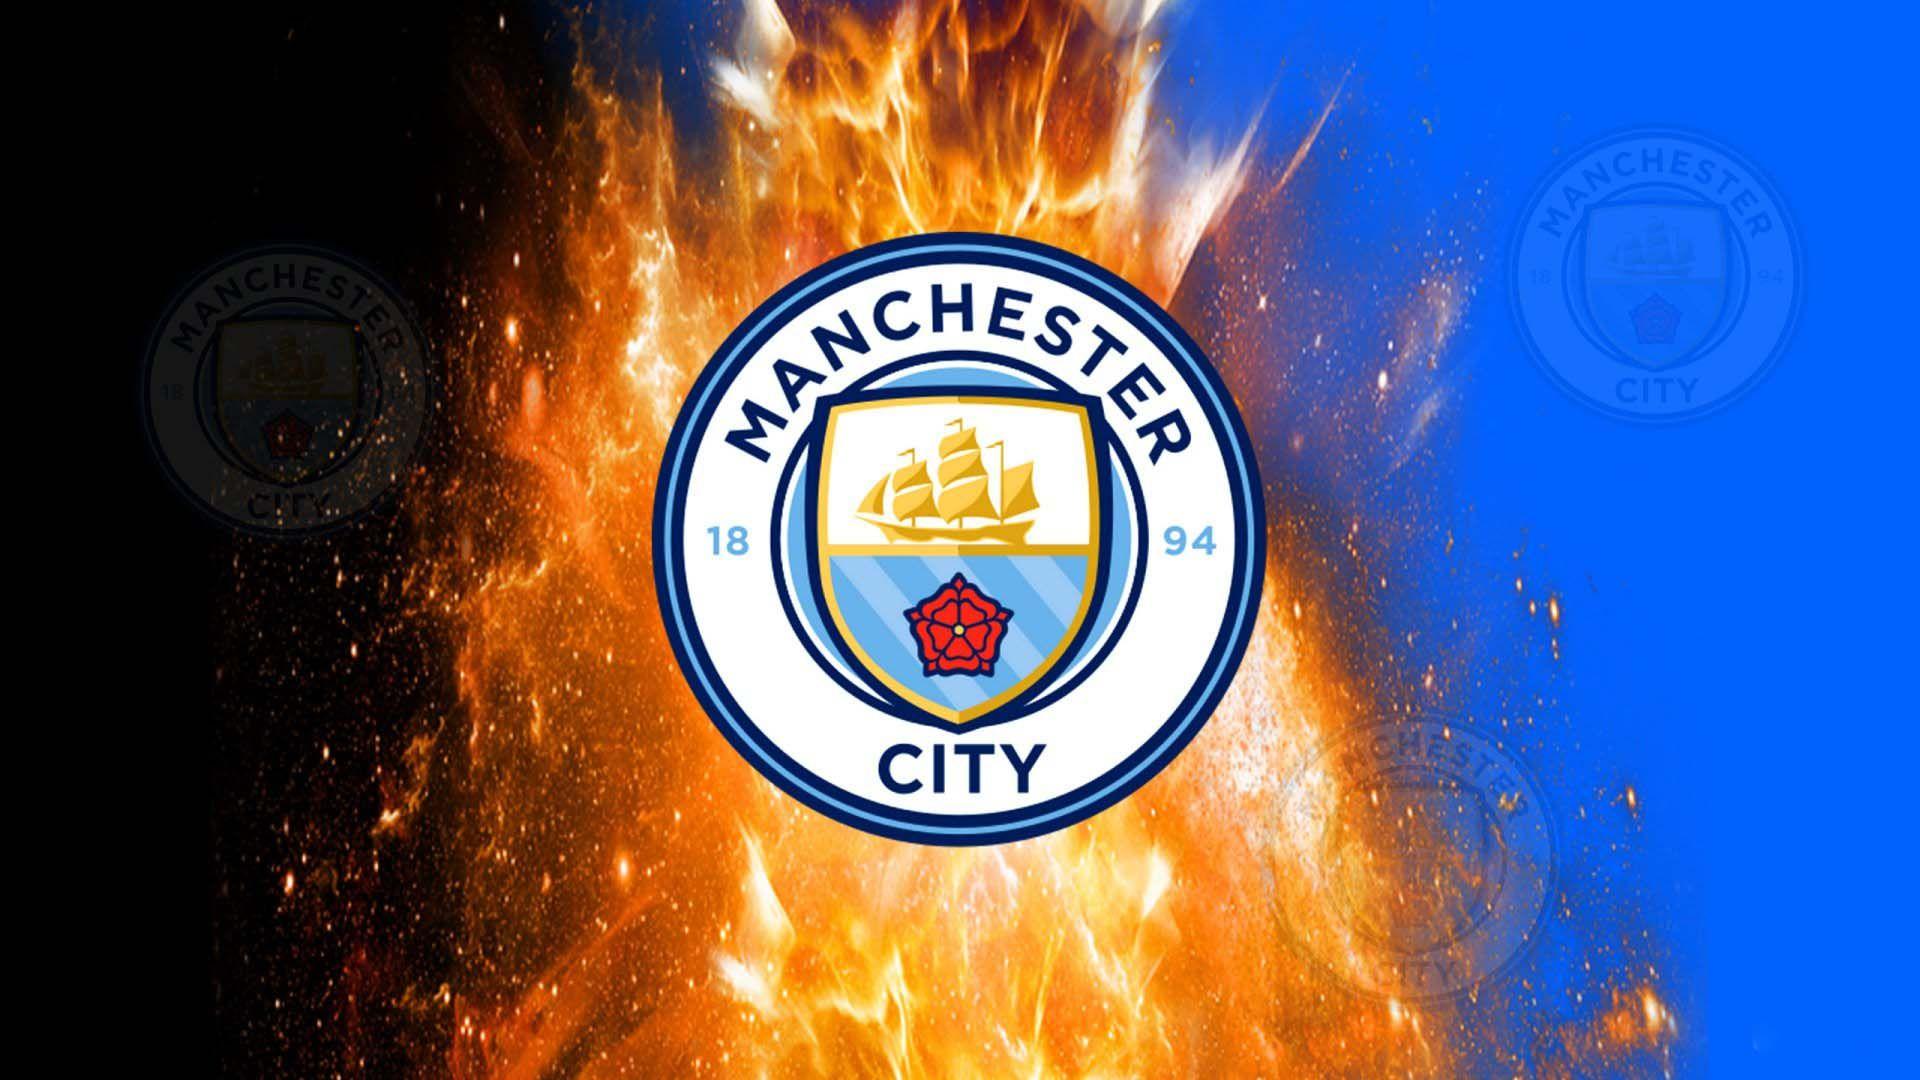 Manchester City laptop wallpaper